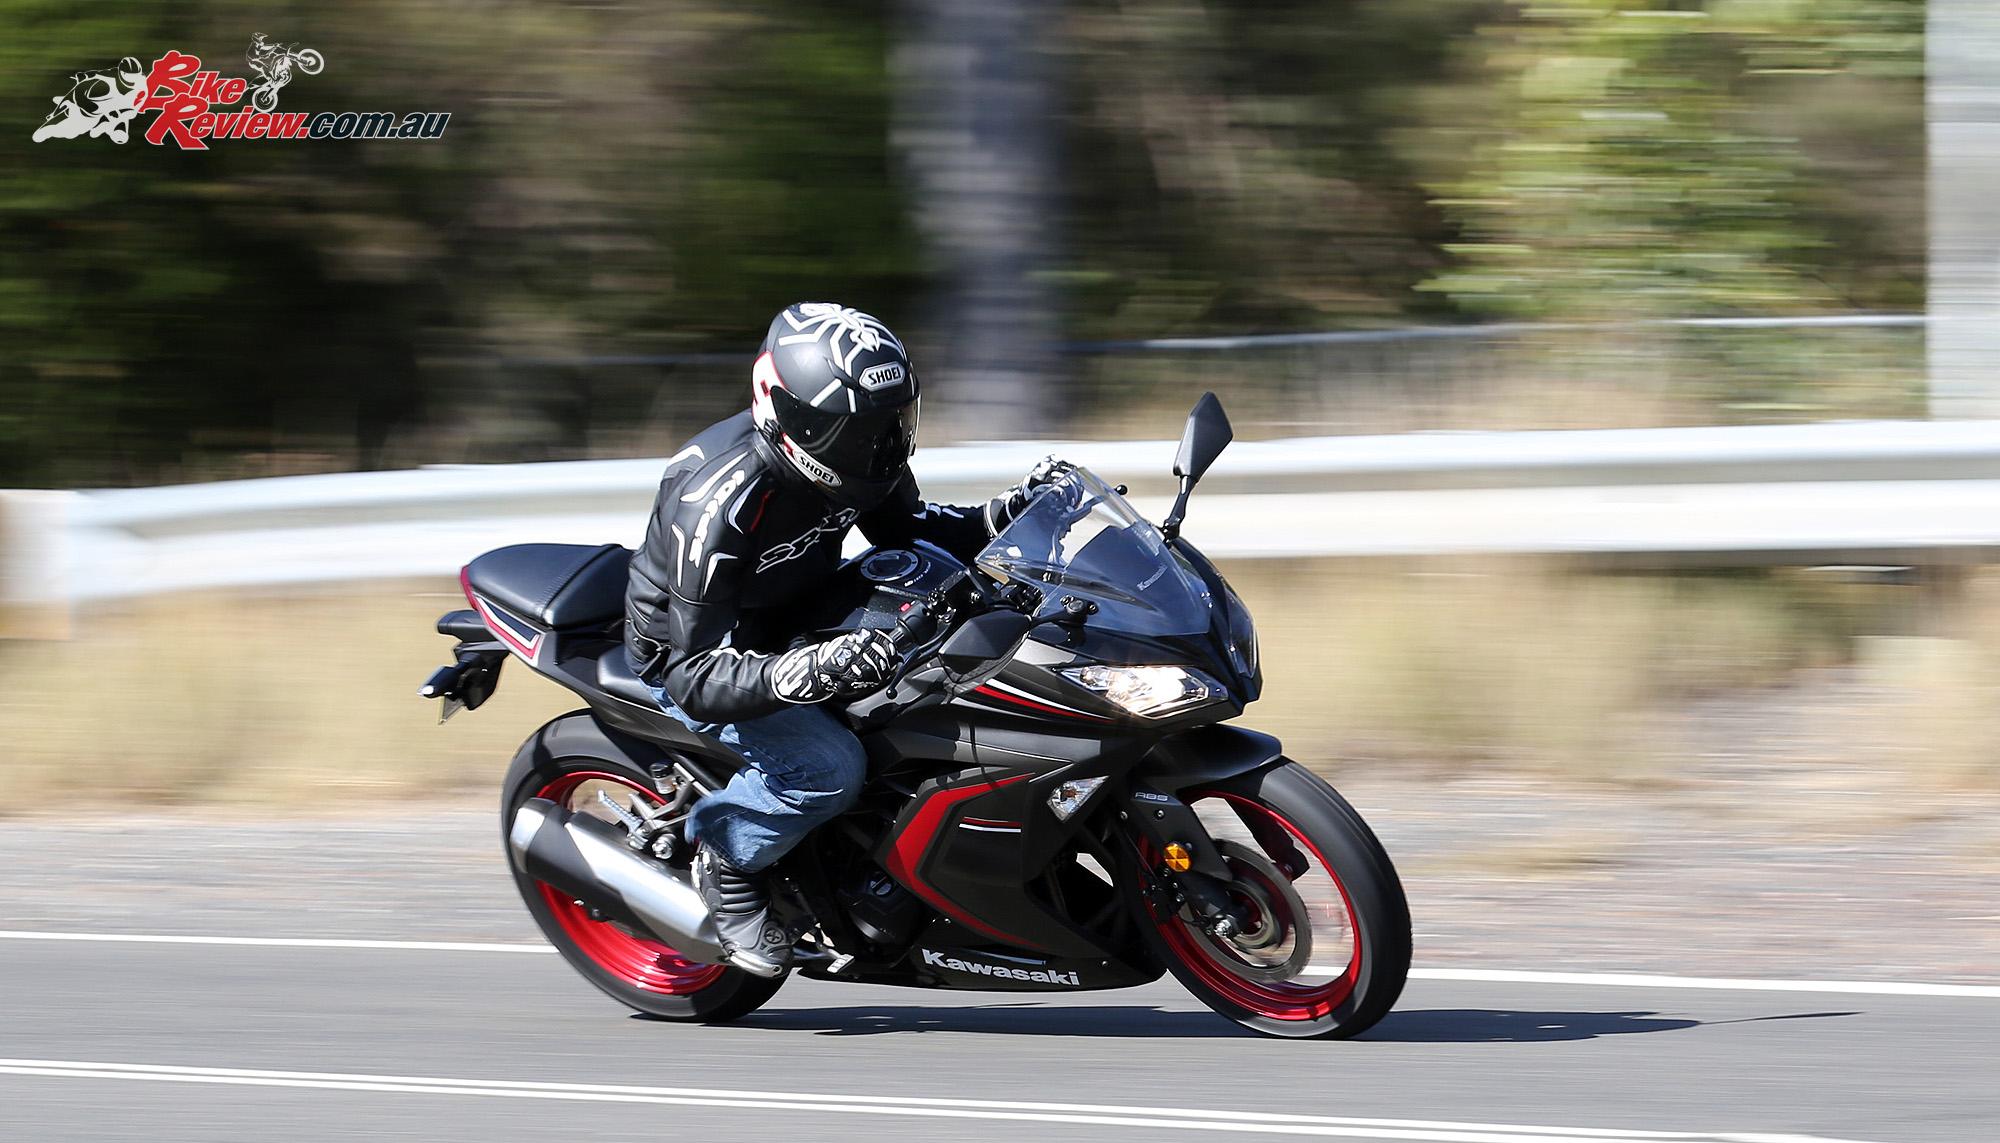 Review 2016 Kawasaki Ninja 300 Bike Review